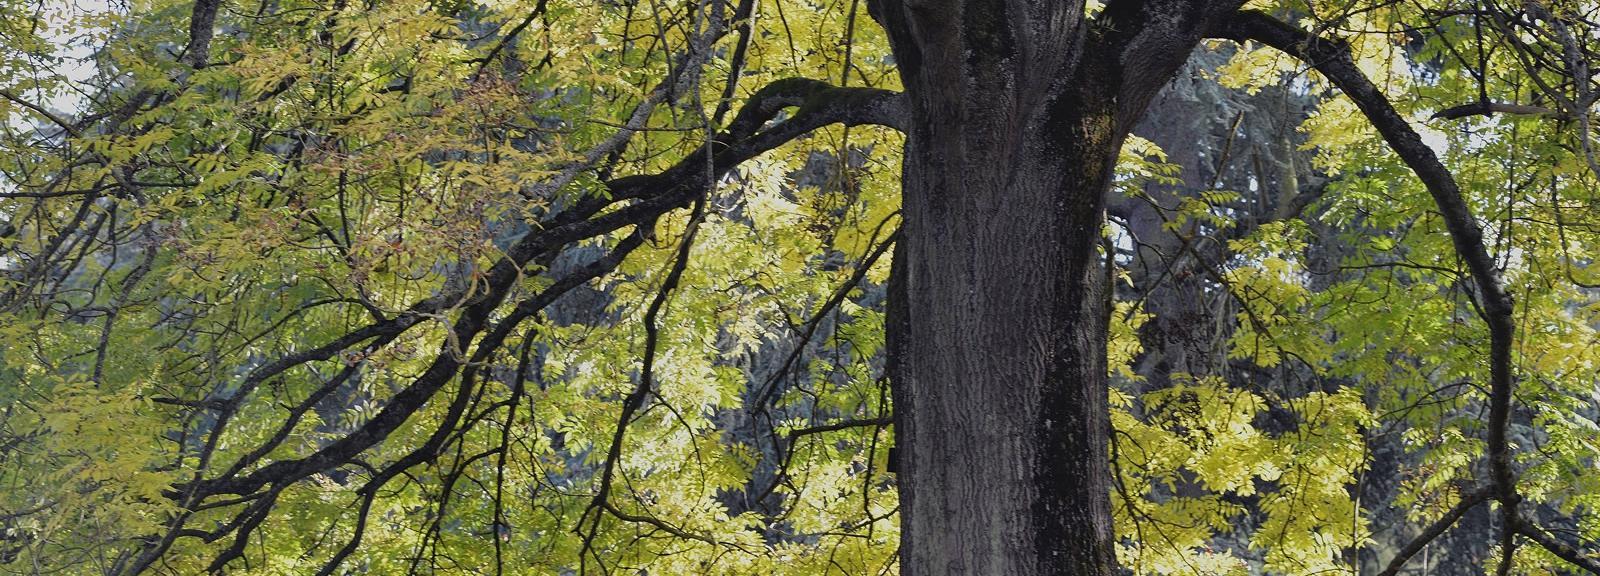 Frêne élevé (Fraxinus excelsior) centenaire à la Butte aux Chênes © MNHN - S. Gerbault